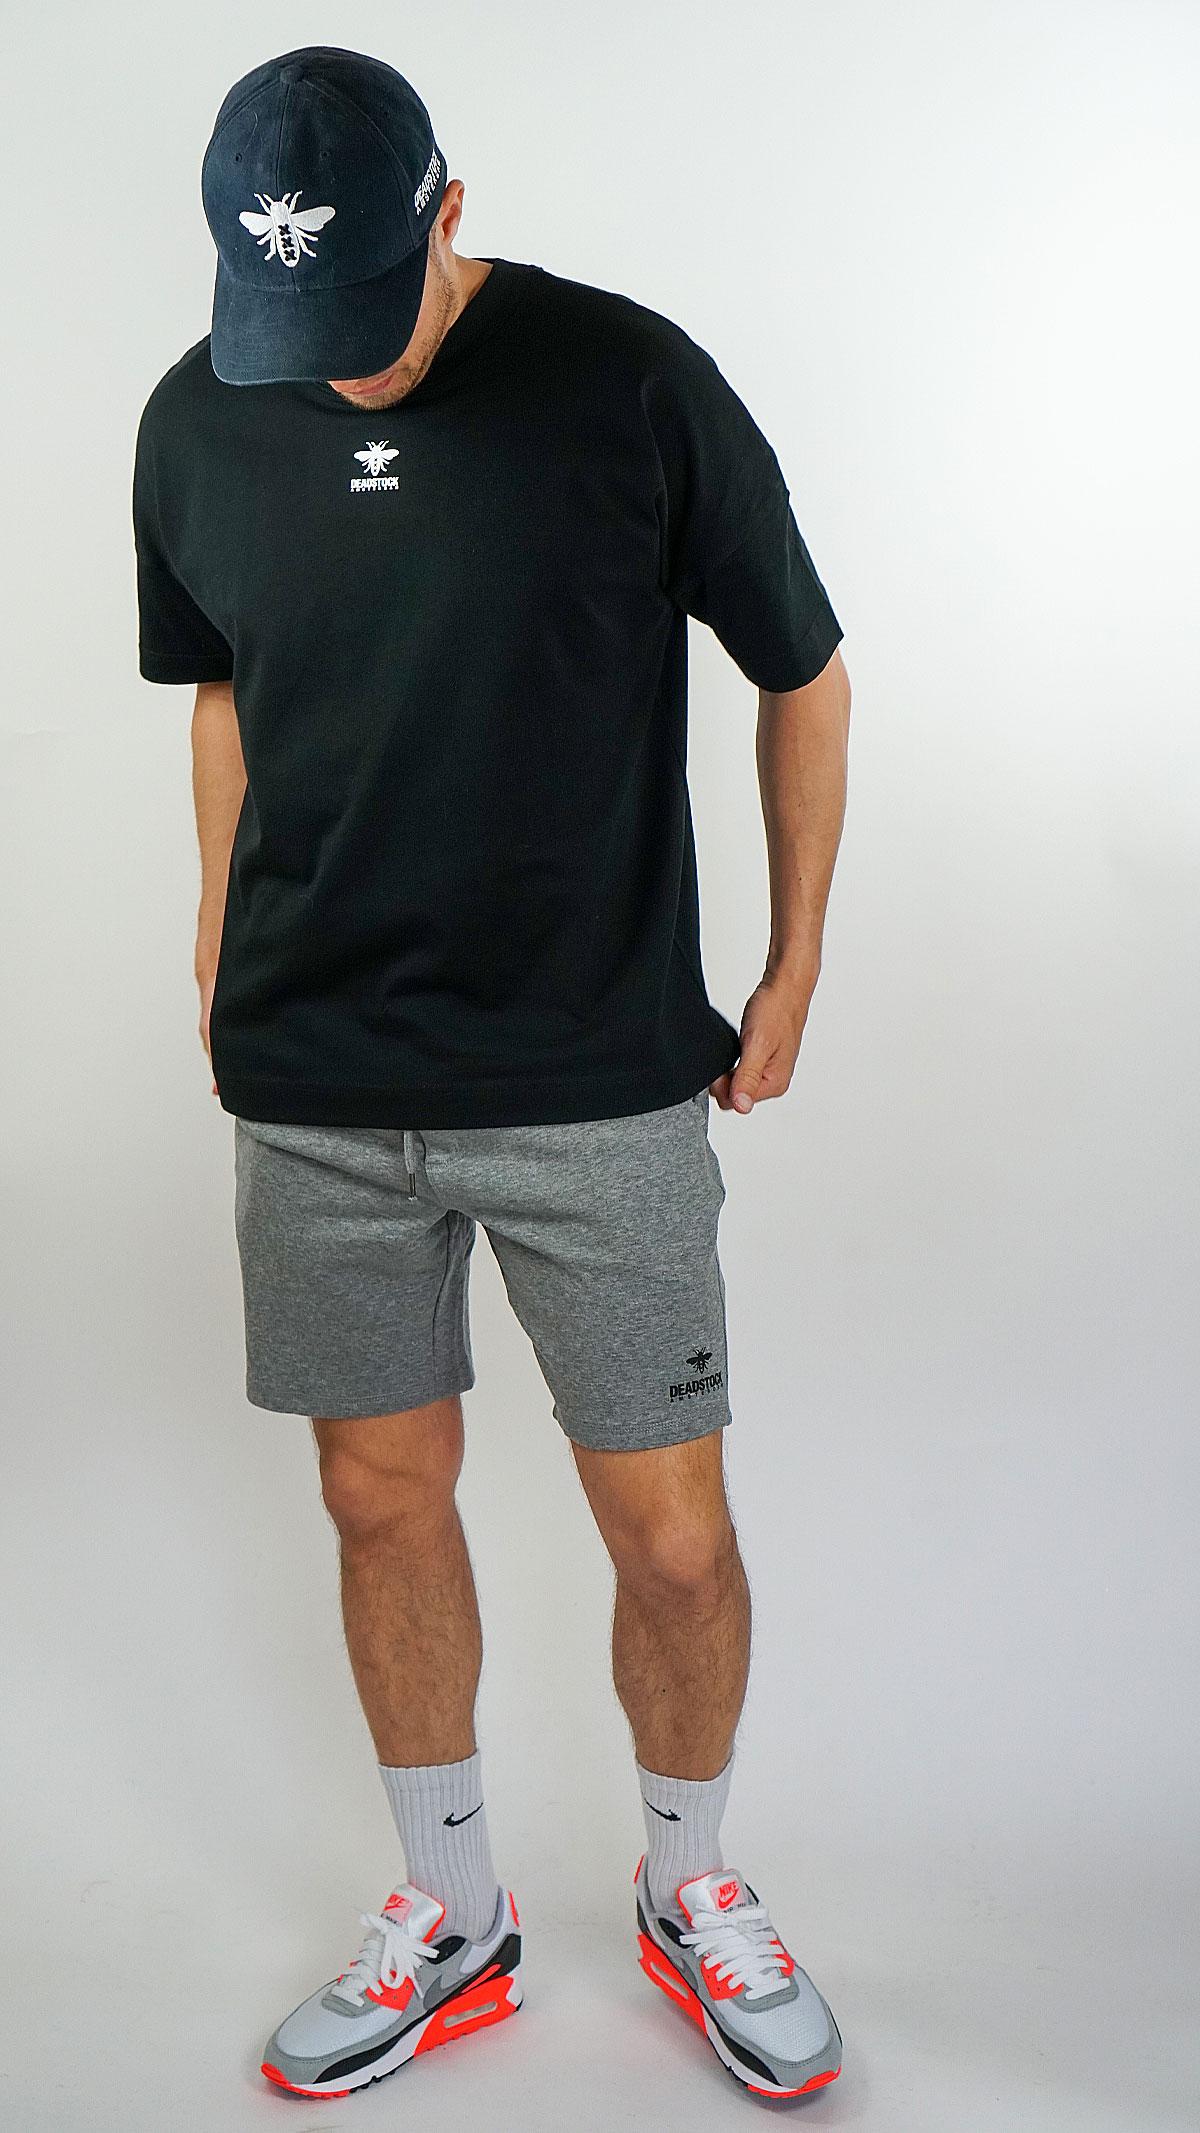 oversized shirt light grey short deadstock amsterdam